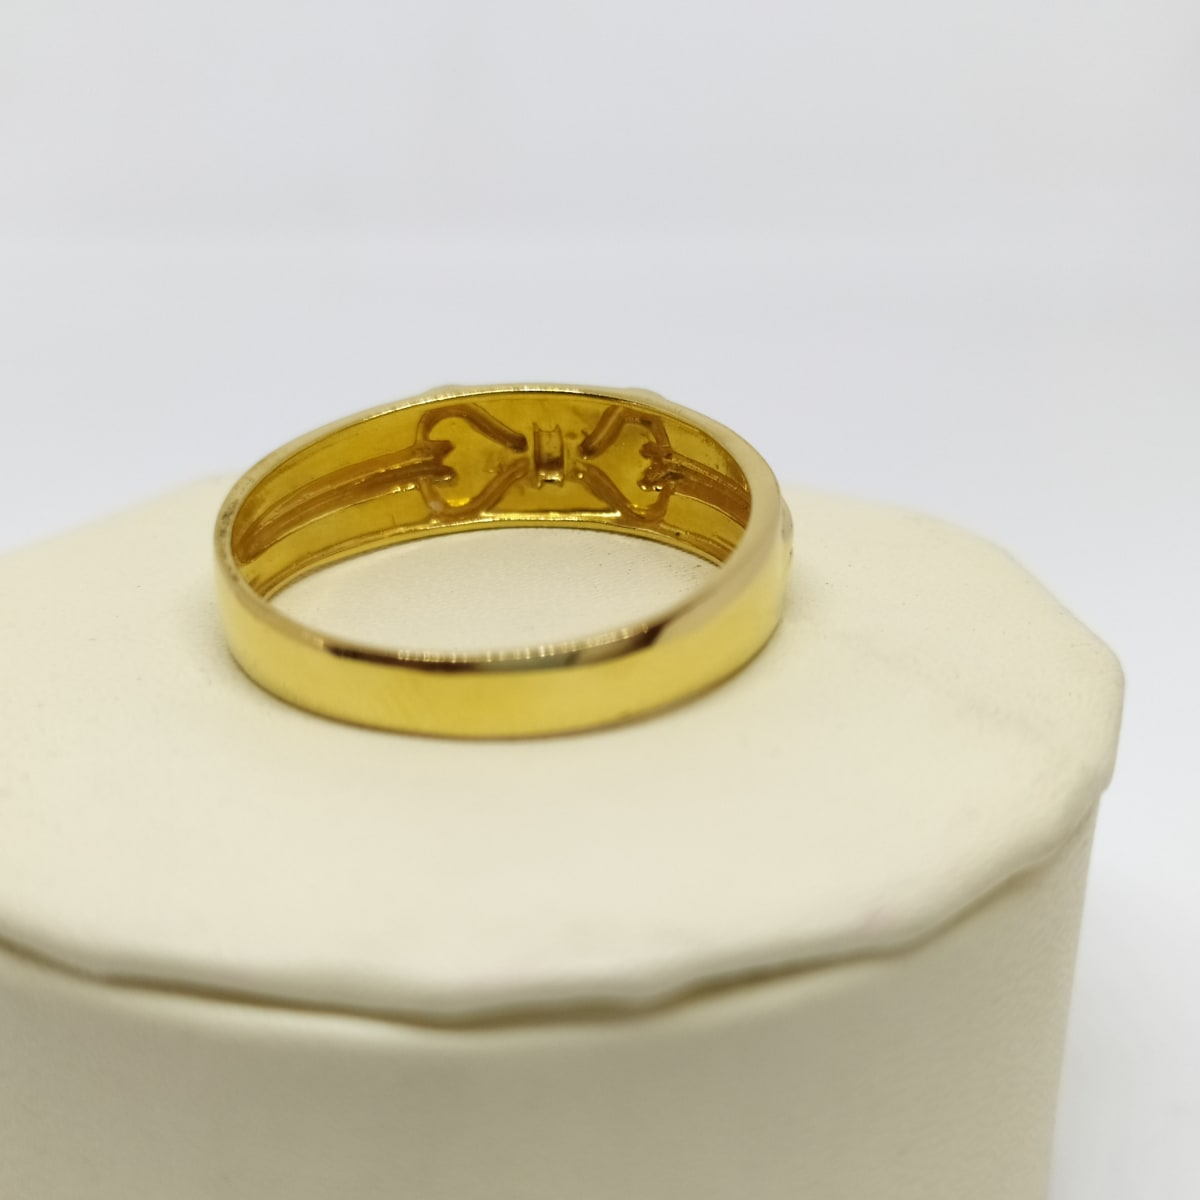 Ashok Ring